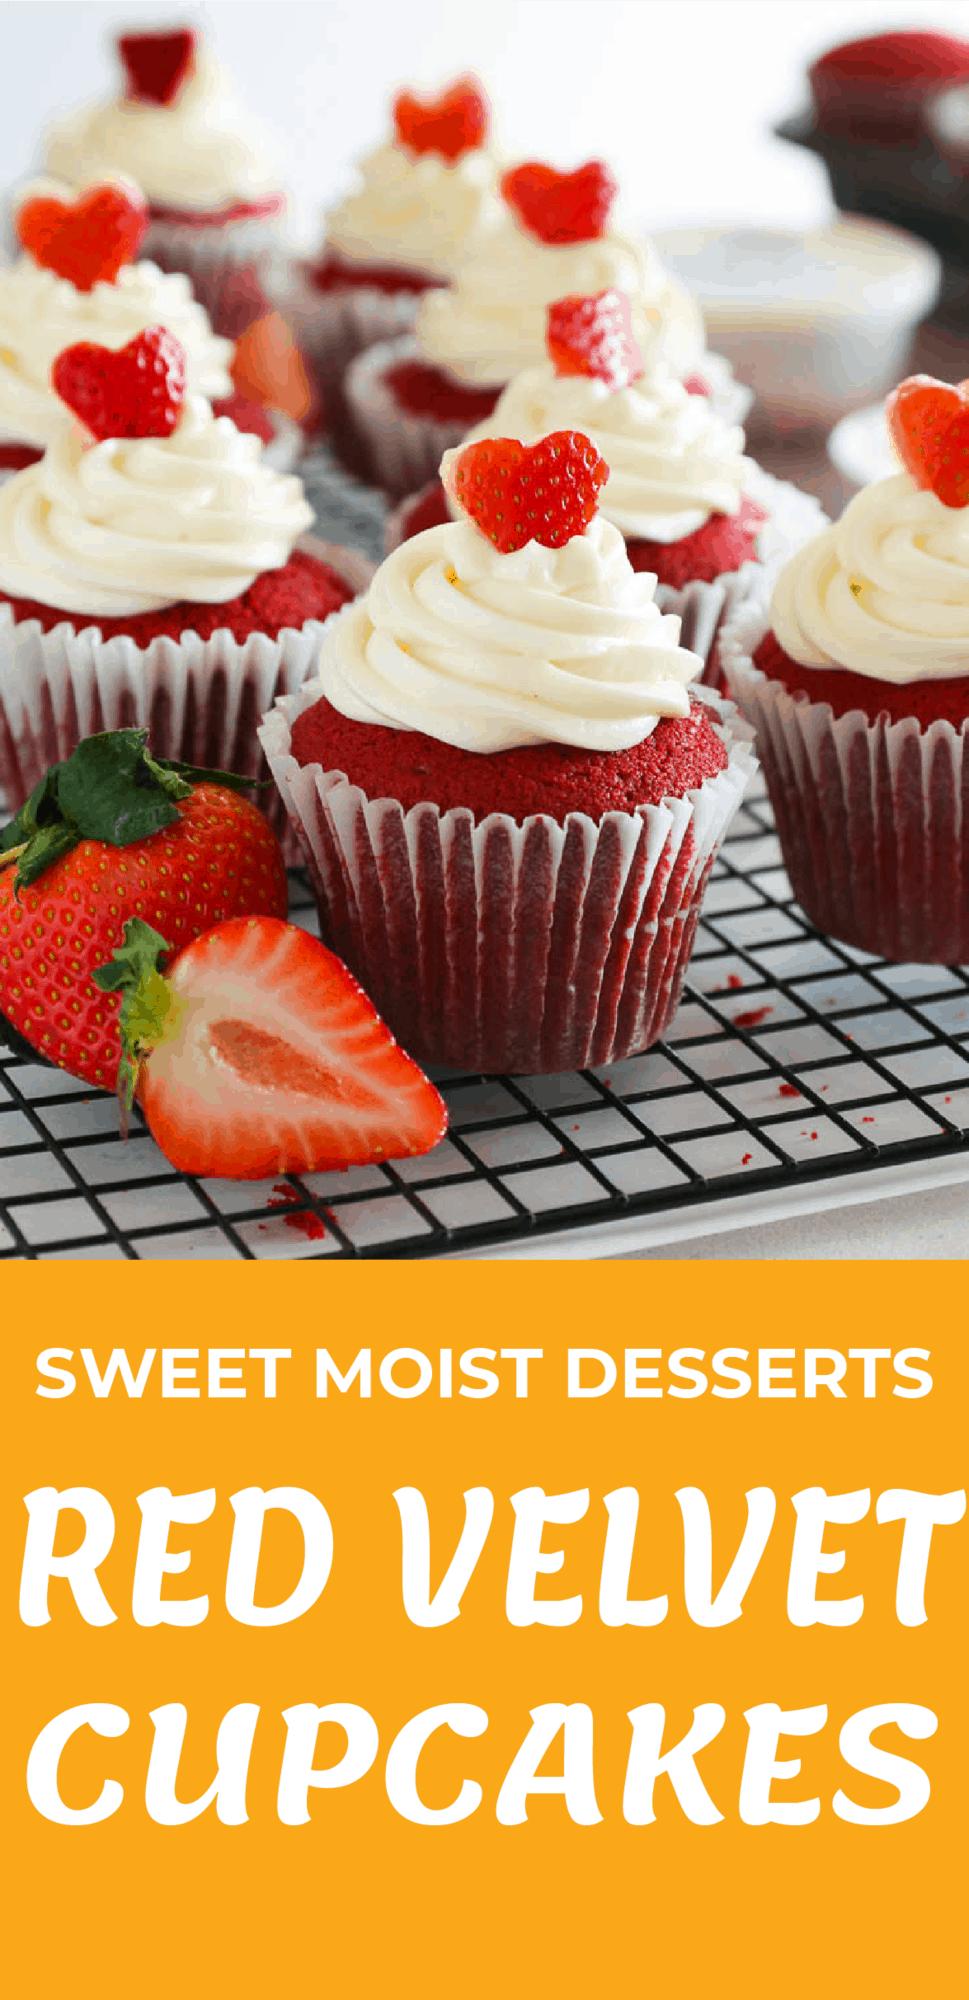 Sweet Moist Desserts Red Velvet Cupcakes